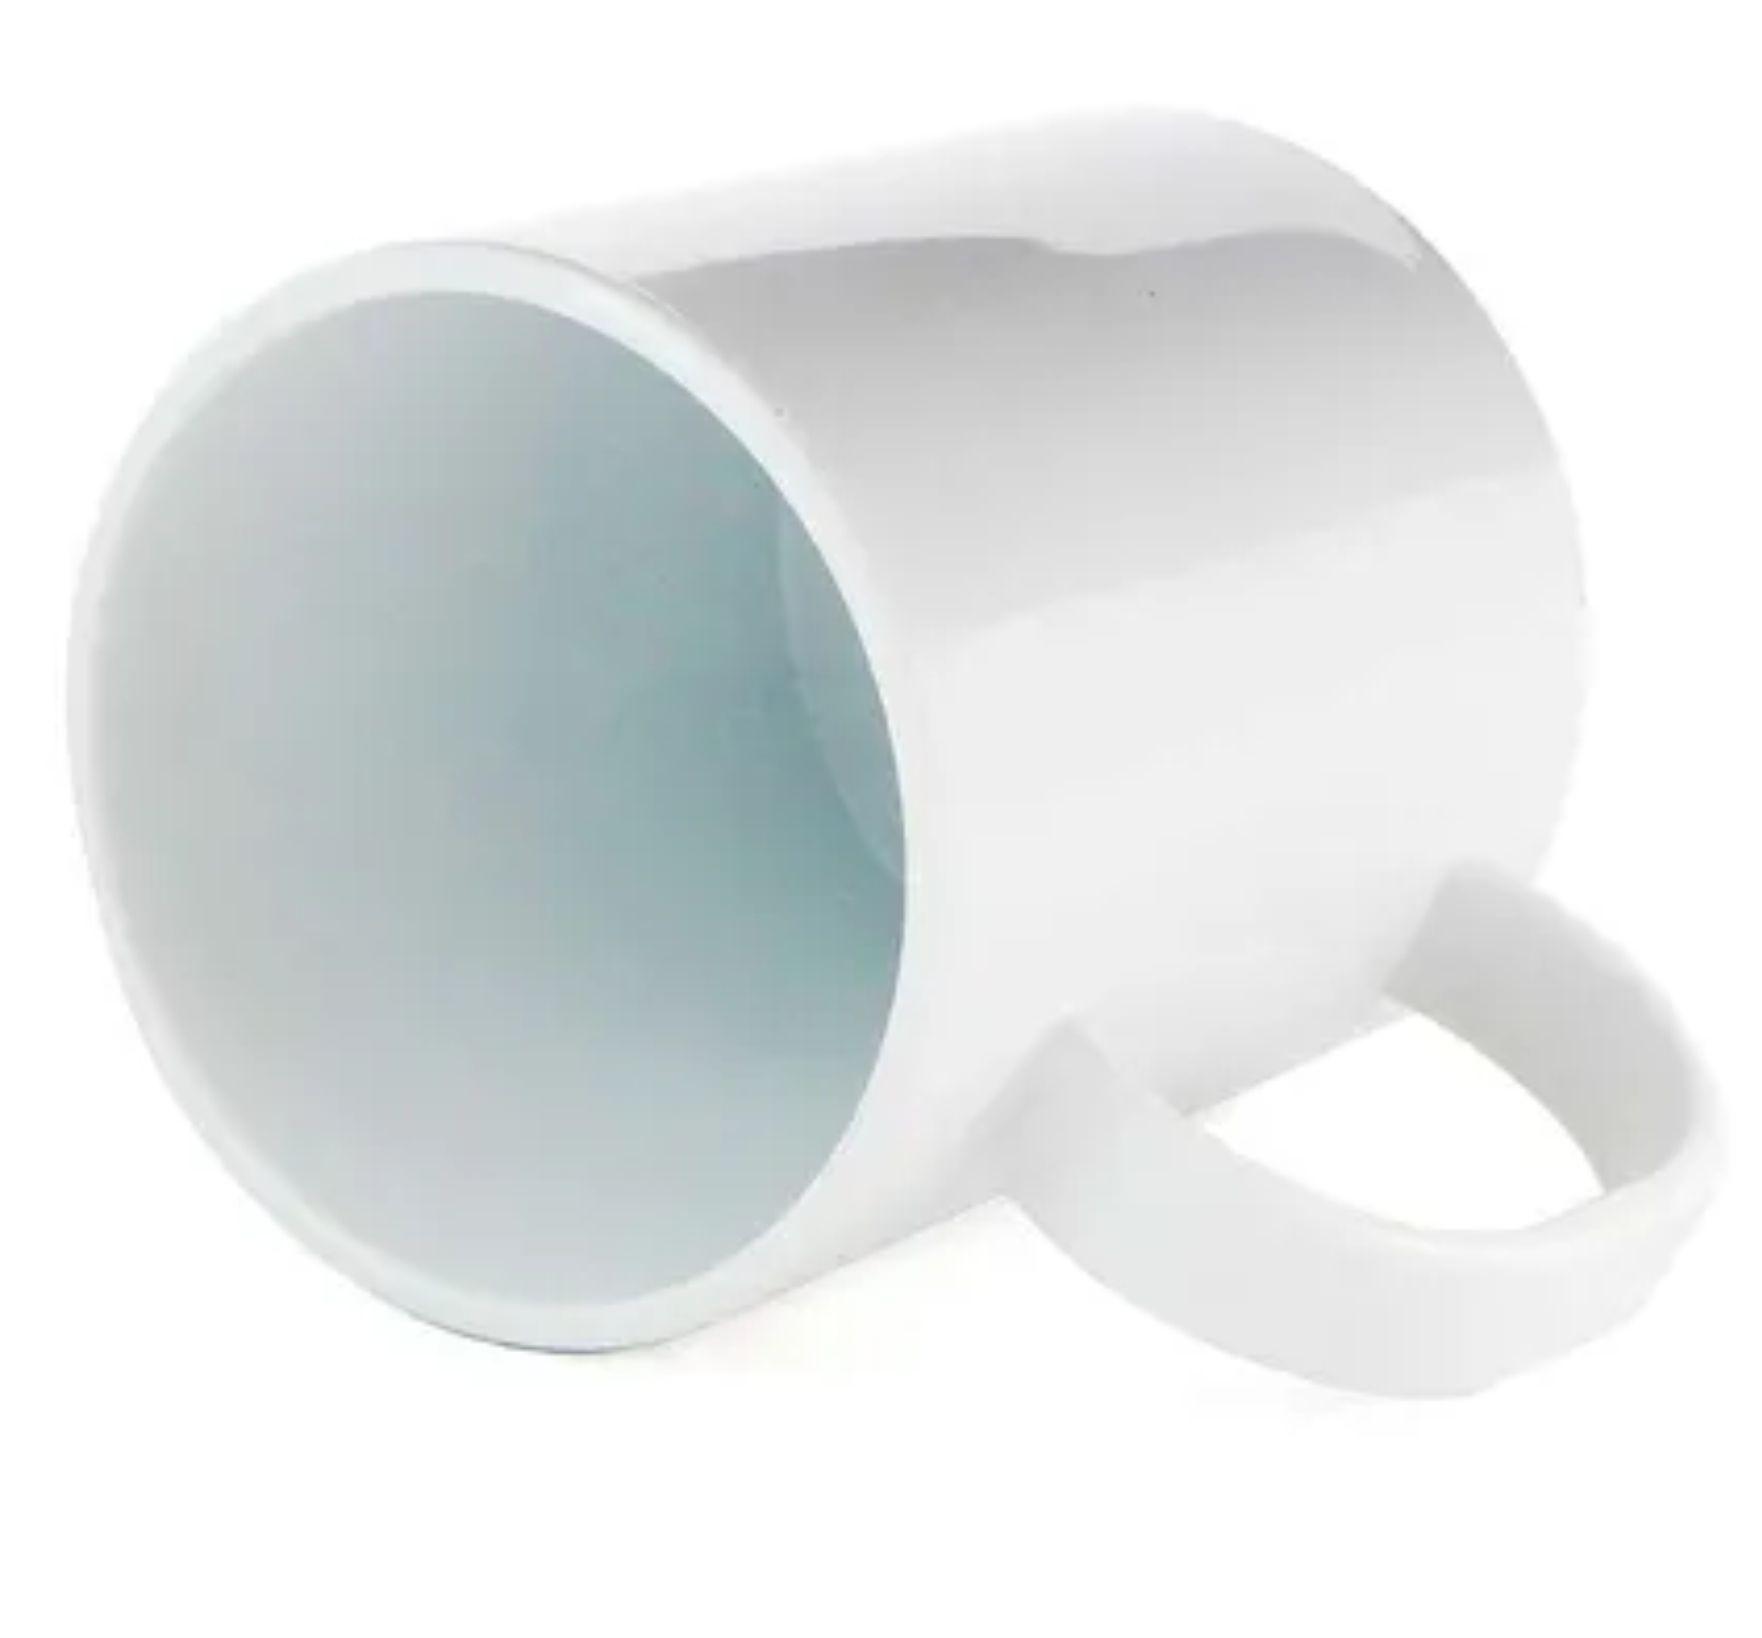 Caneca para Sublimação de Plástico Branco